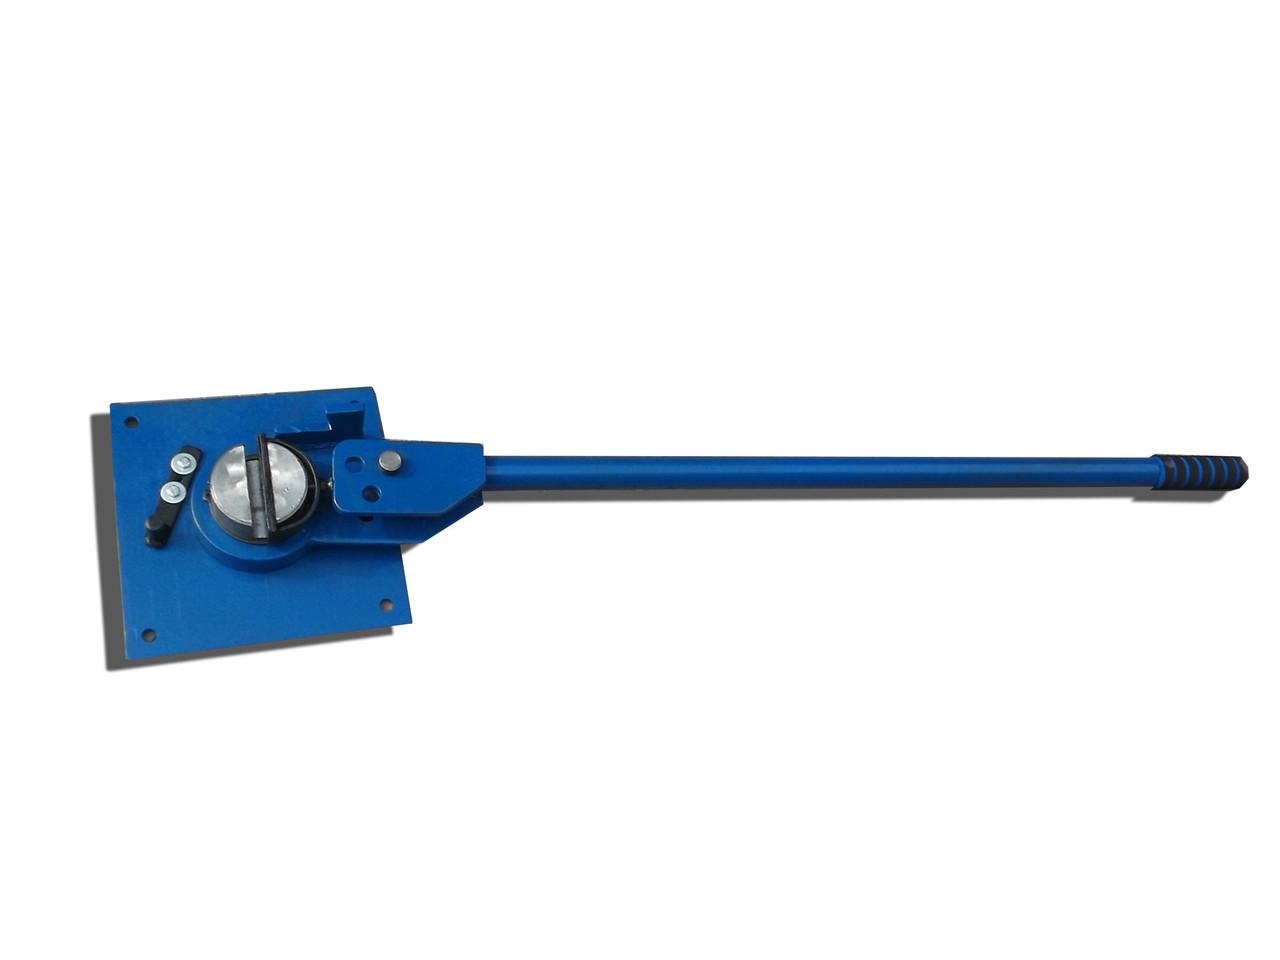 Станок для гибки арматуры ручной | Арматурогиб ручной АГ-18